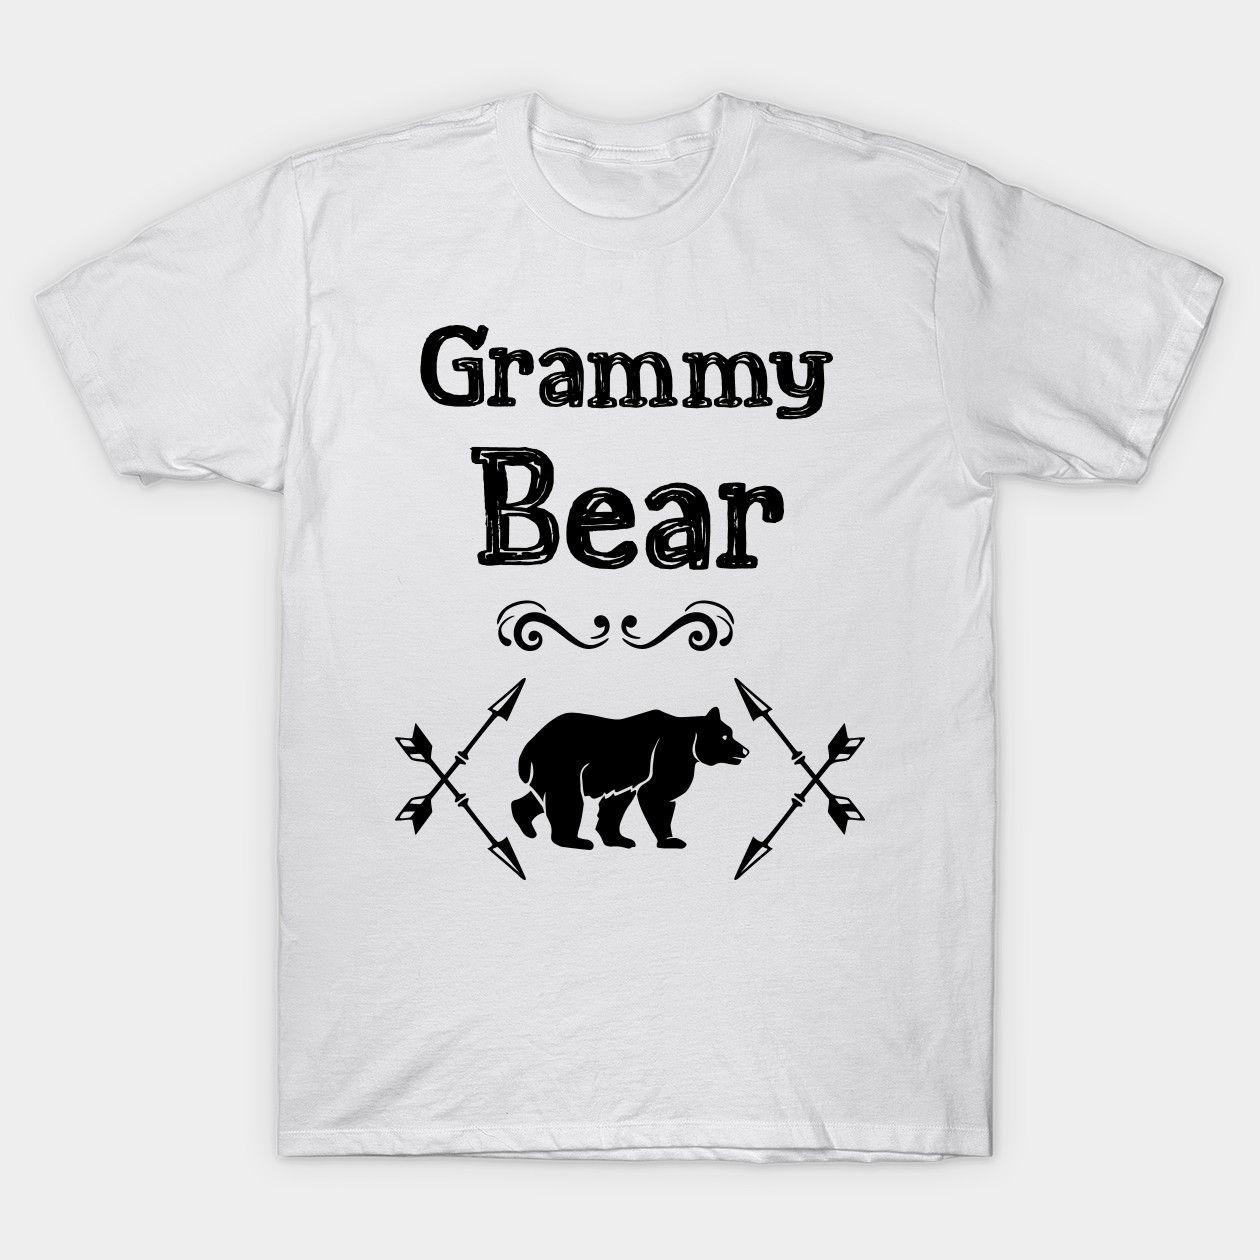 Grandma Gift,Grandma Bear Grandma Bear Shirt Grandma Shirt Best Grandma Shirt